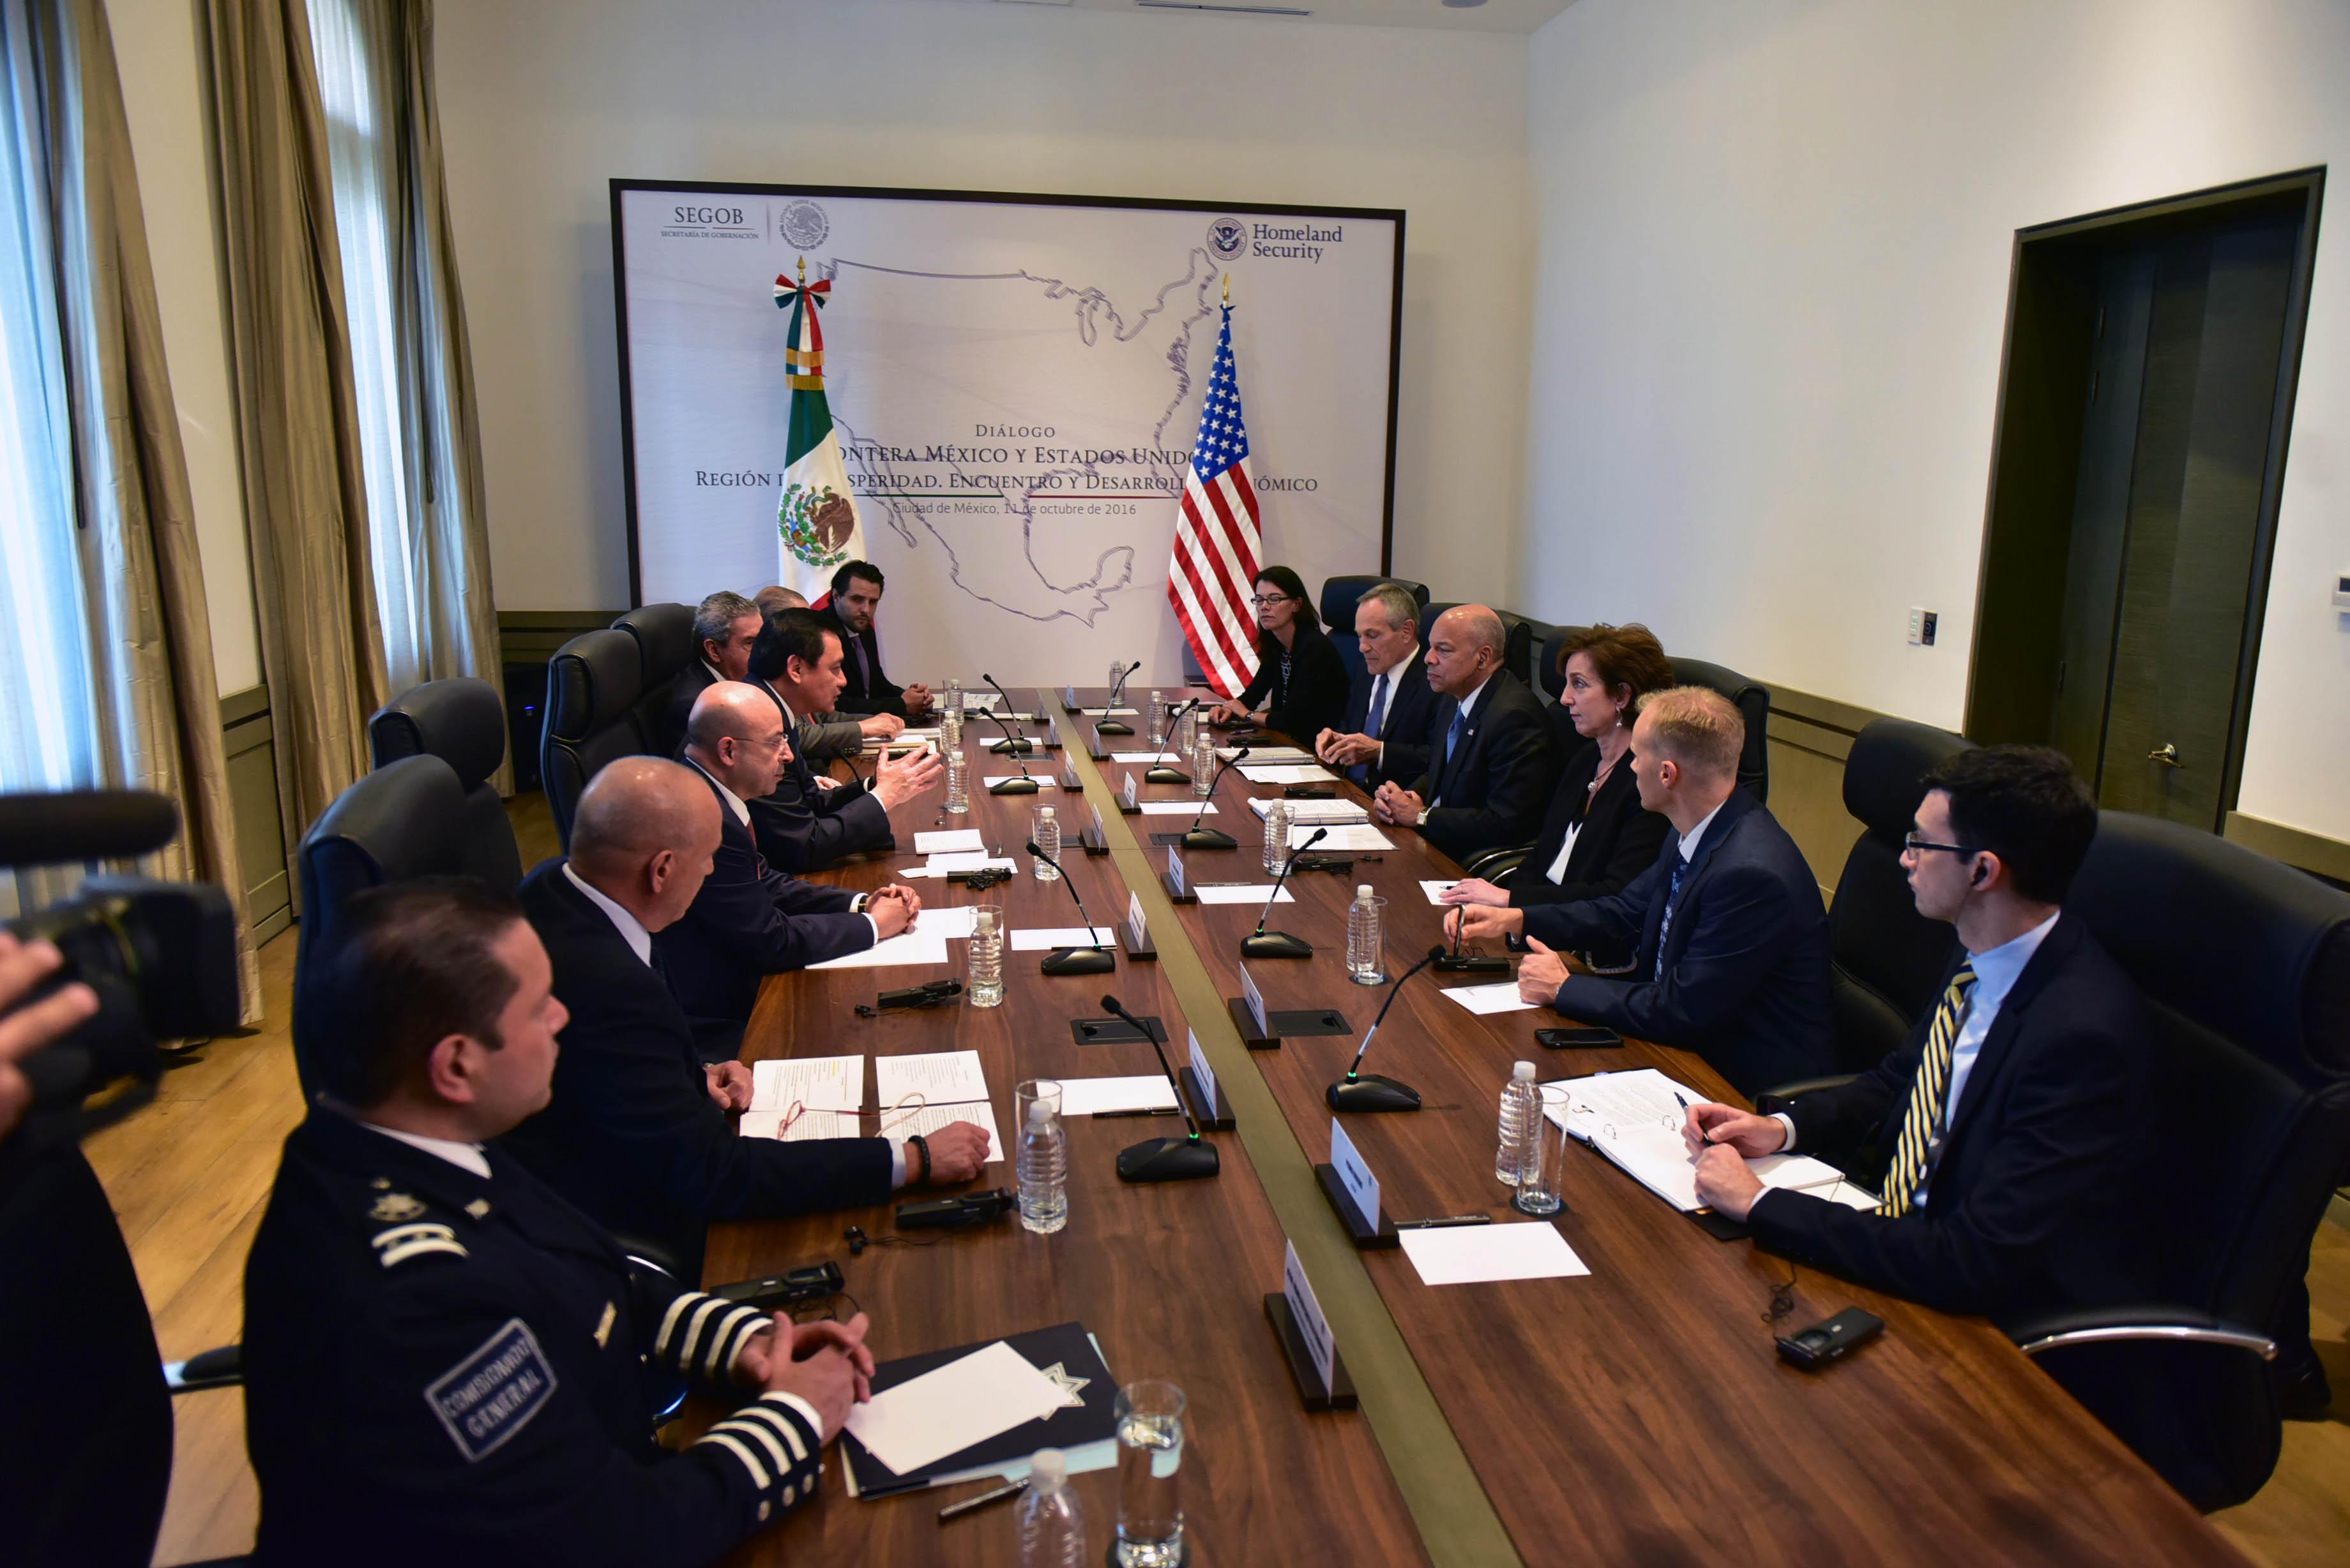 Los Secretarios de Gobernación de México, Miguel Ángel Osorio Chong, y de Seguridad Interna de Estados Unidos, Jeh Johnson, sostuvieron hoy una reunión bilateral para dialogar de los temas de interés para la frontera común, como migración y seguridad.